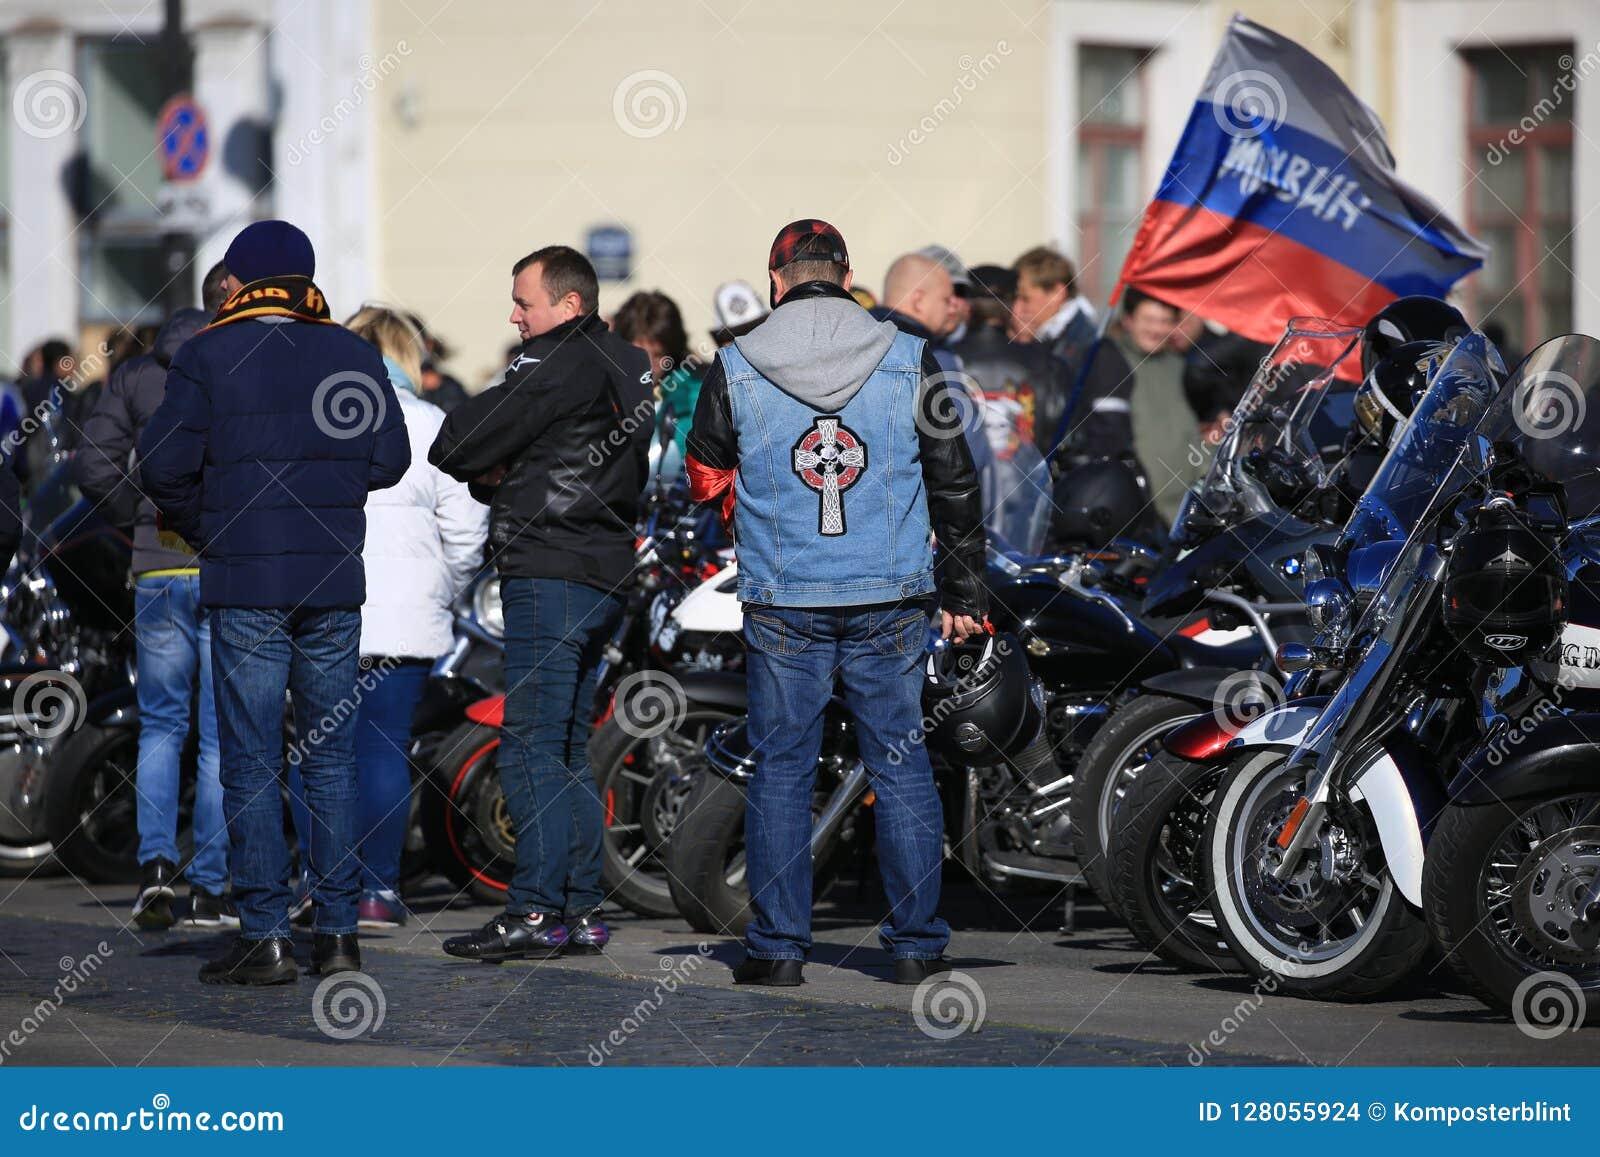 Deelnemers van de fietserbeweging van Tikhvin-stad met hun motorfietsen dichtbij de muur van het Algemene Personeelsgebouw